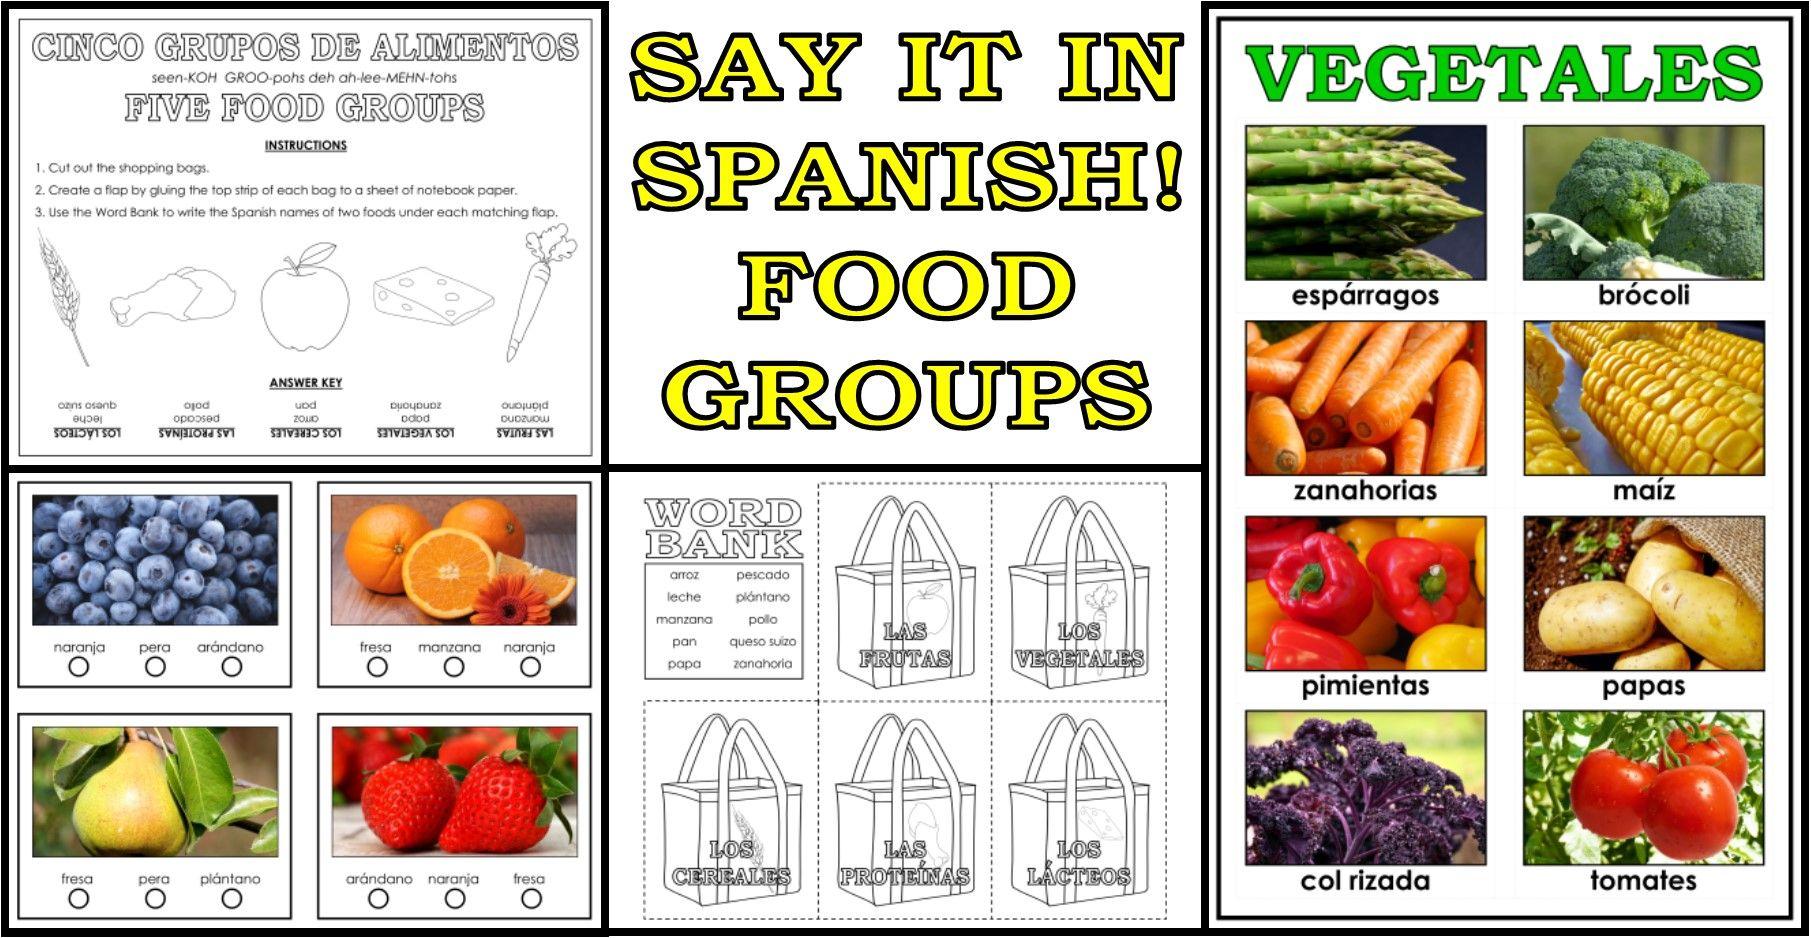 SPANISH Los Grupos de Alimentos (Food Groups) Resource